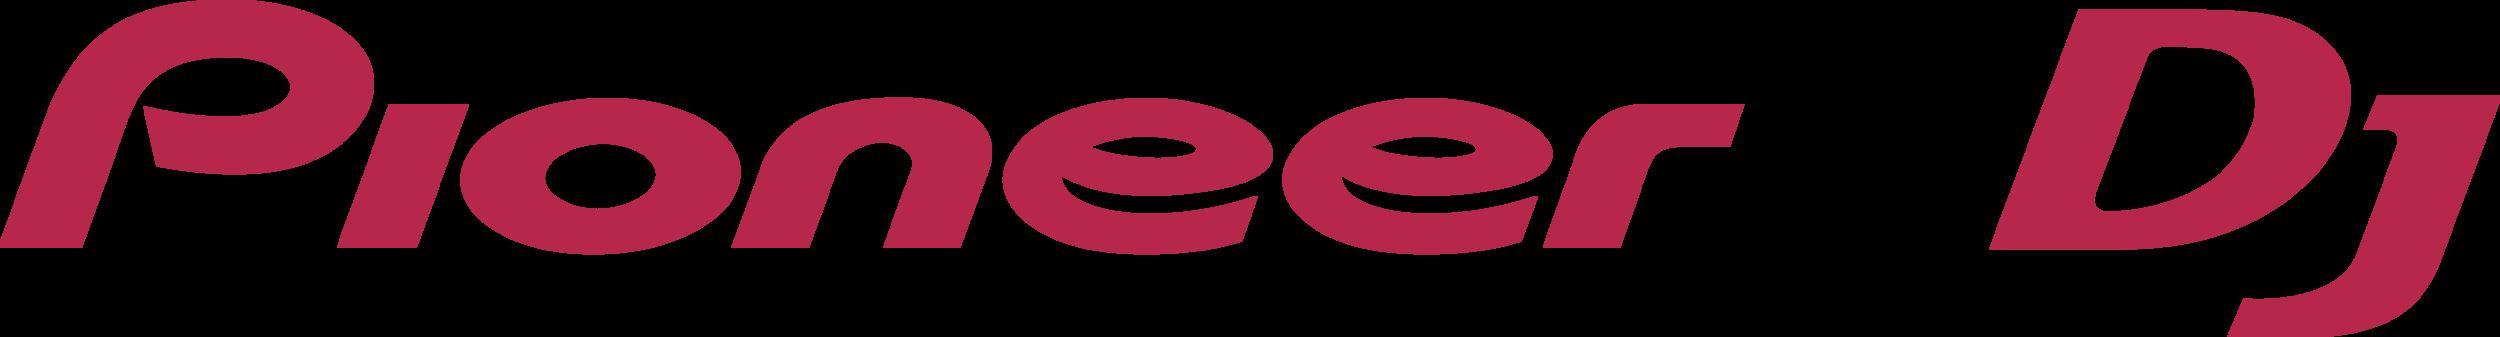 Pioneer-DJ-Logo-HD.png